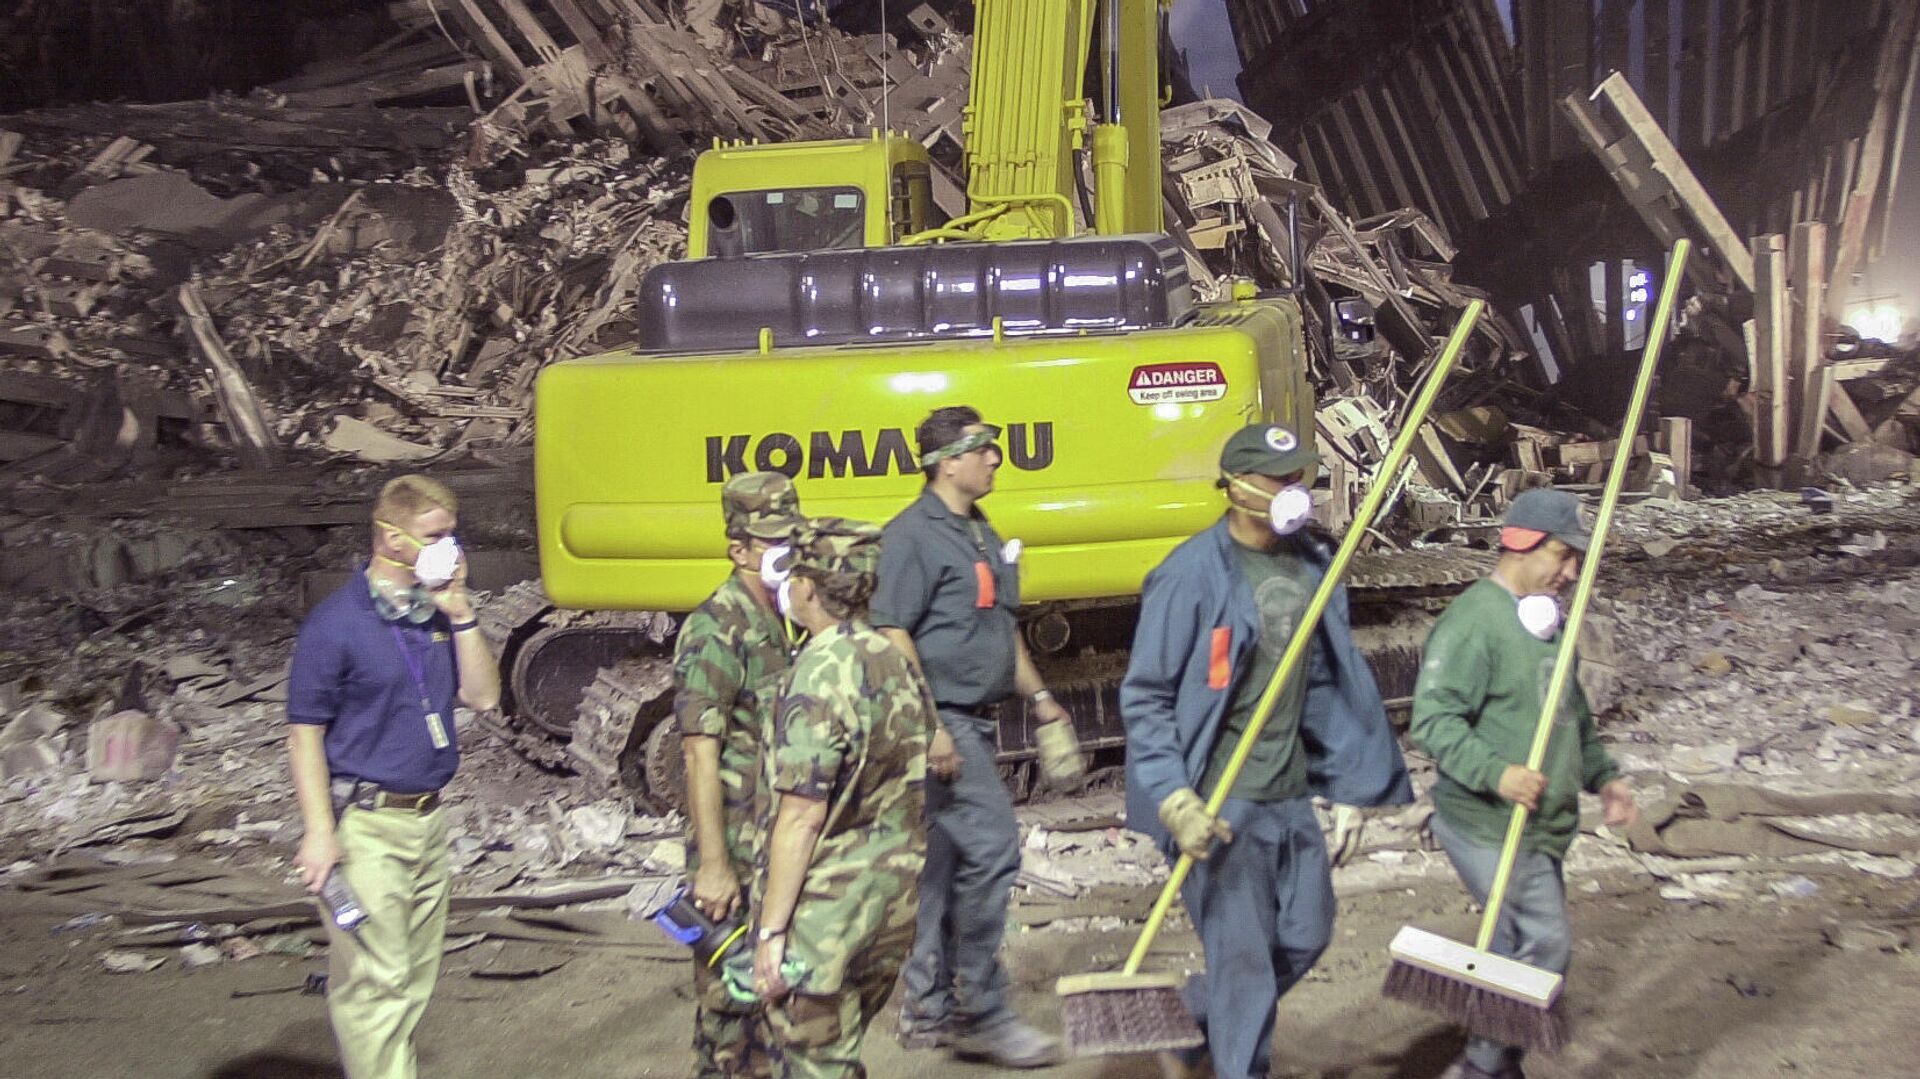 Trabajadores limpiando la Zona Cero al día siguiente de los atentados del 11 de septiembre de 2001 - Sputnik Mundo, 1920, 10.09.2021